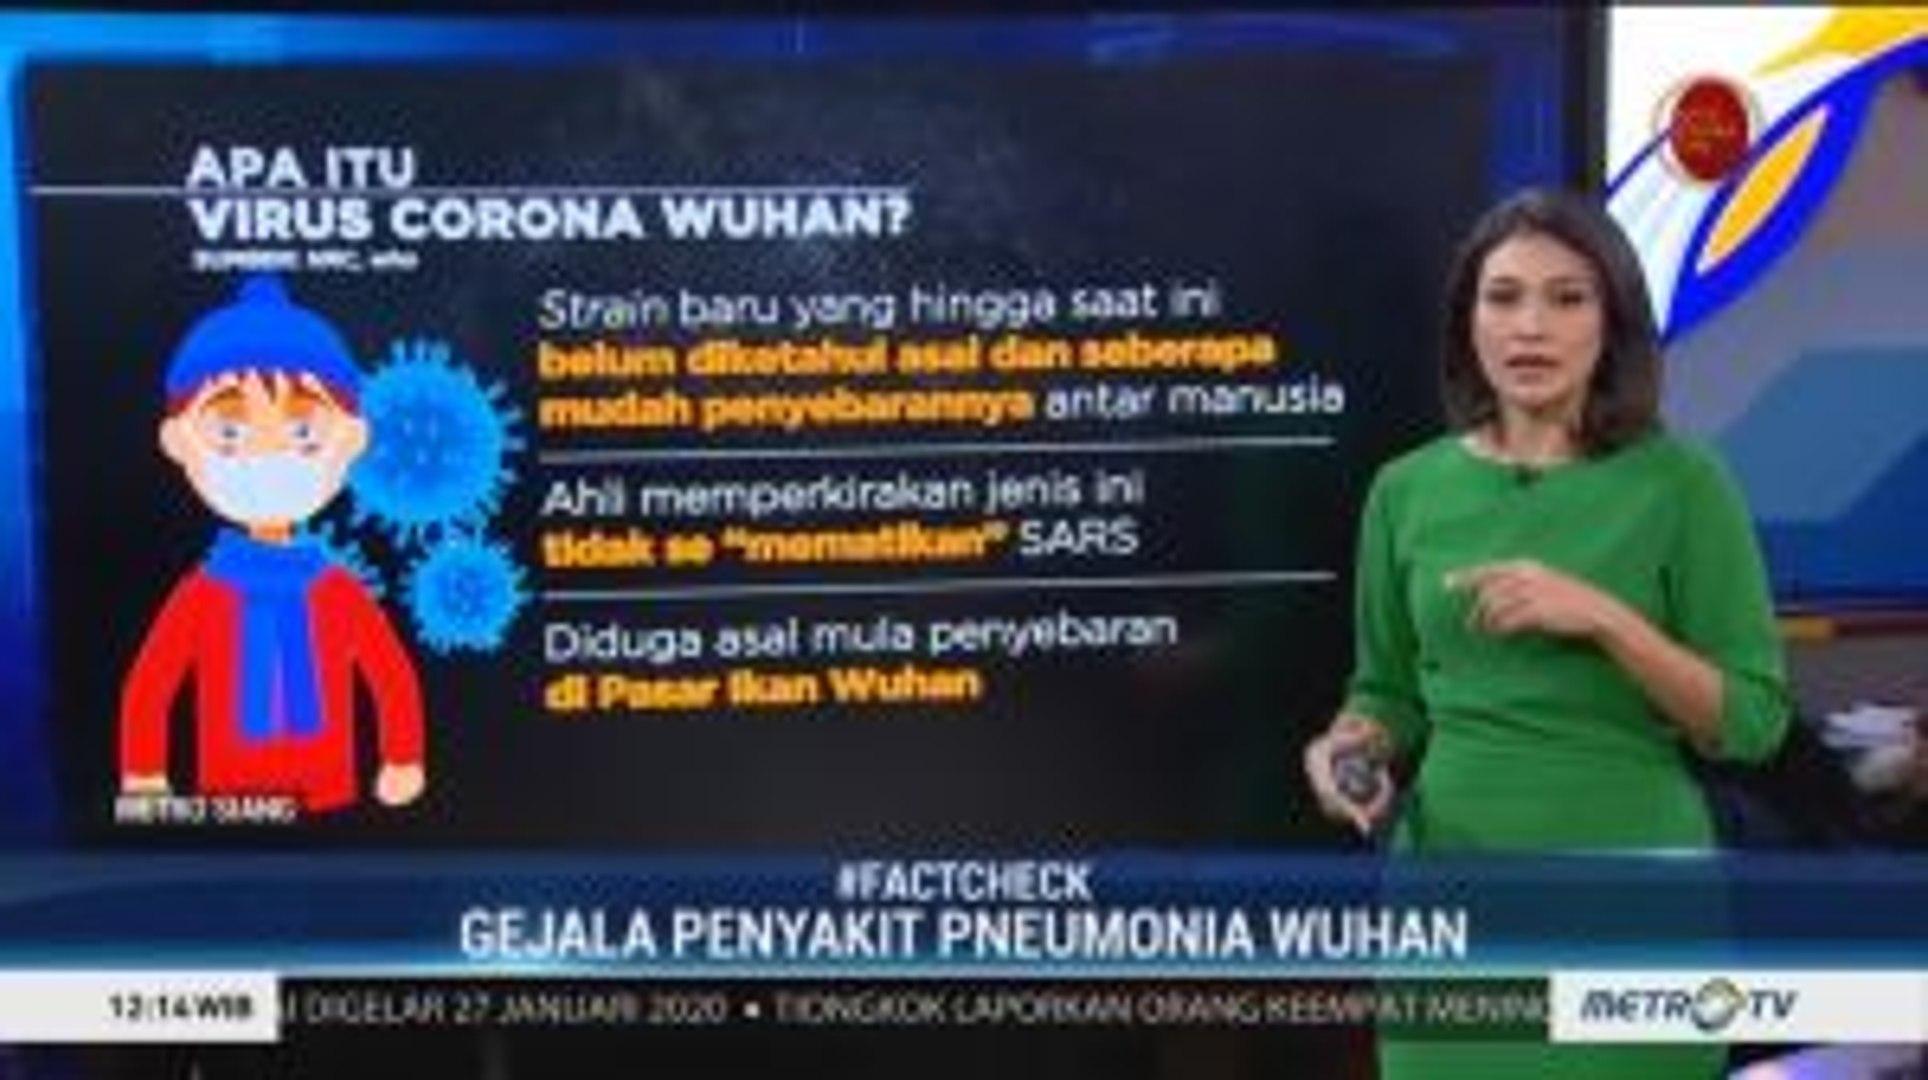 Gemparkan Tiongkok, Apa Itu Virus Corona Wuhan?